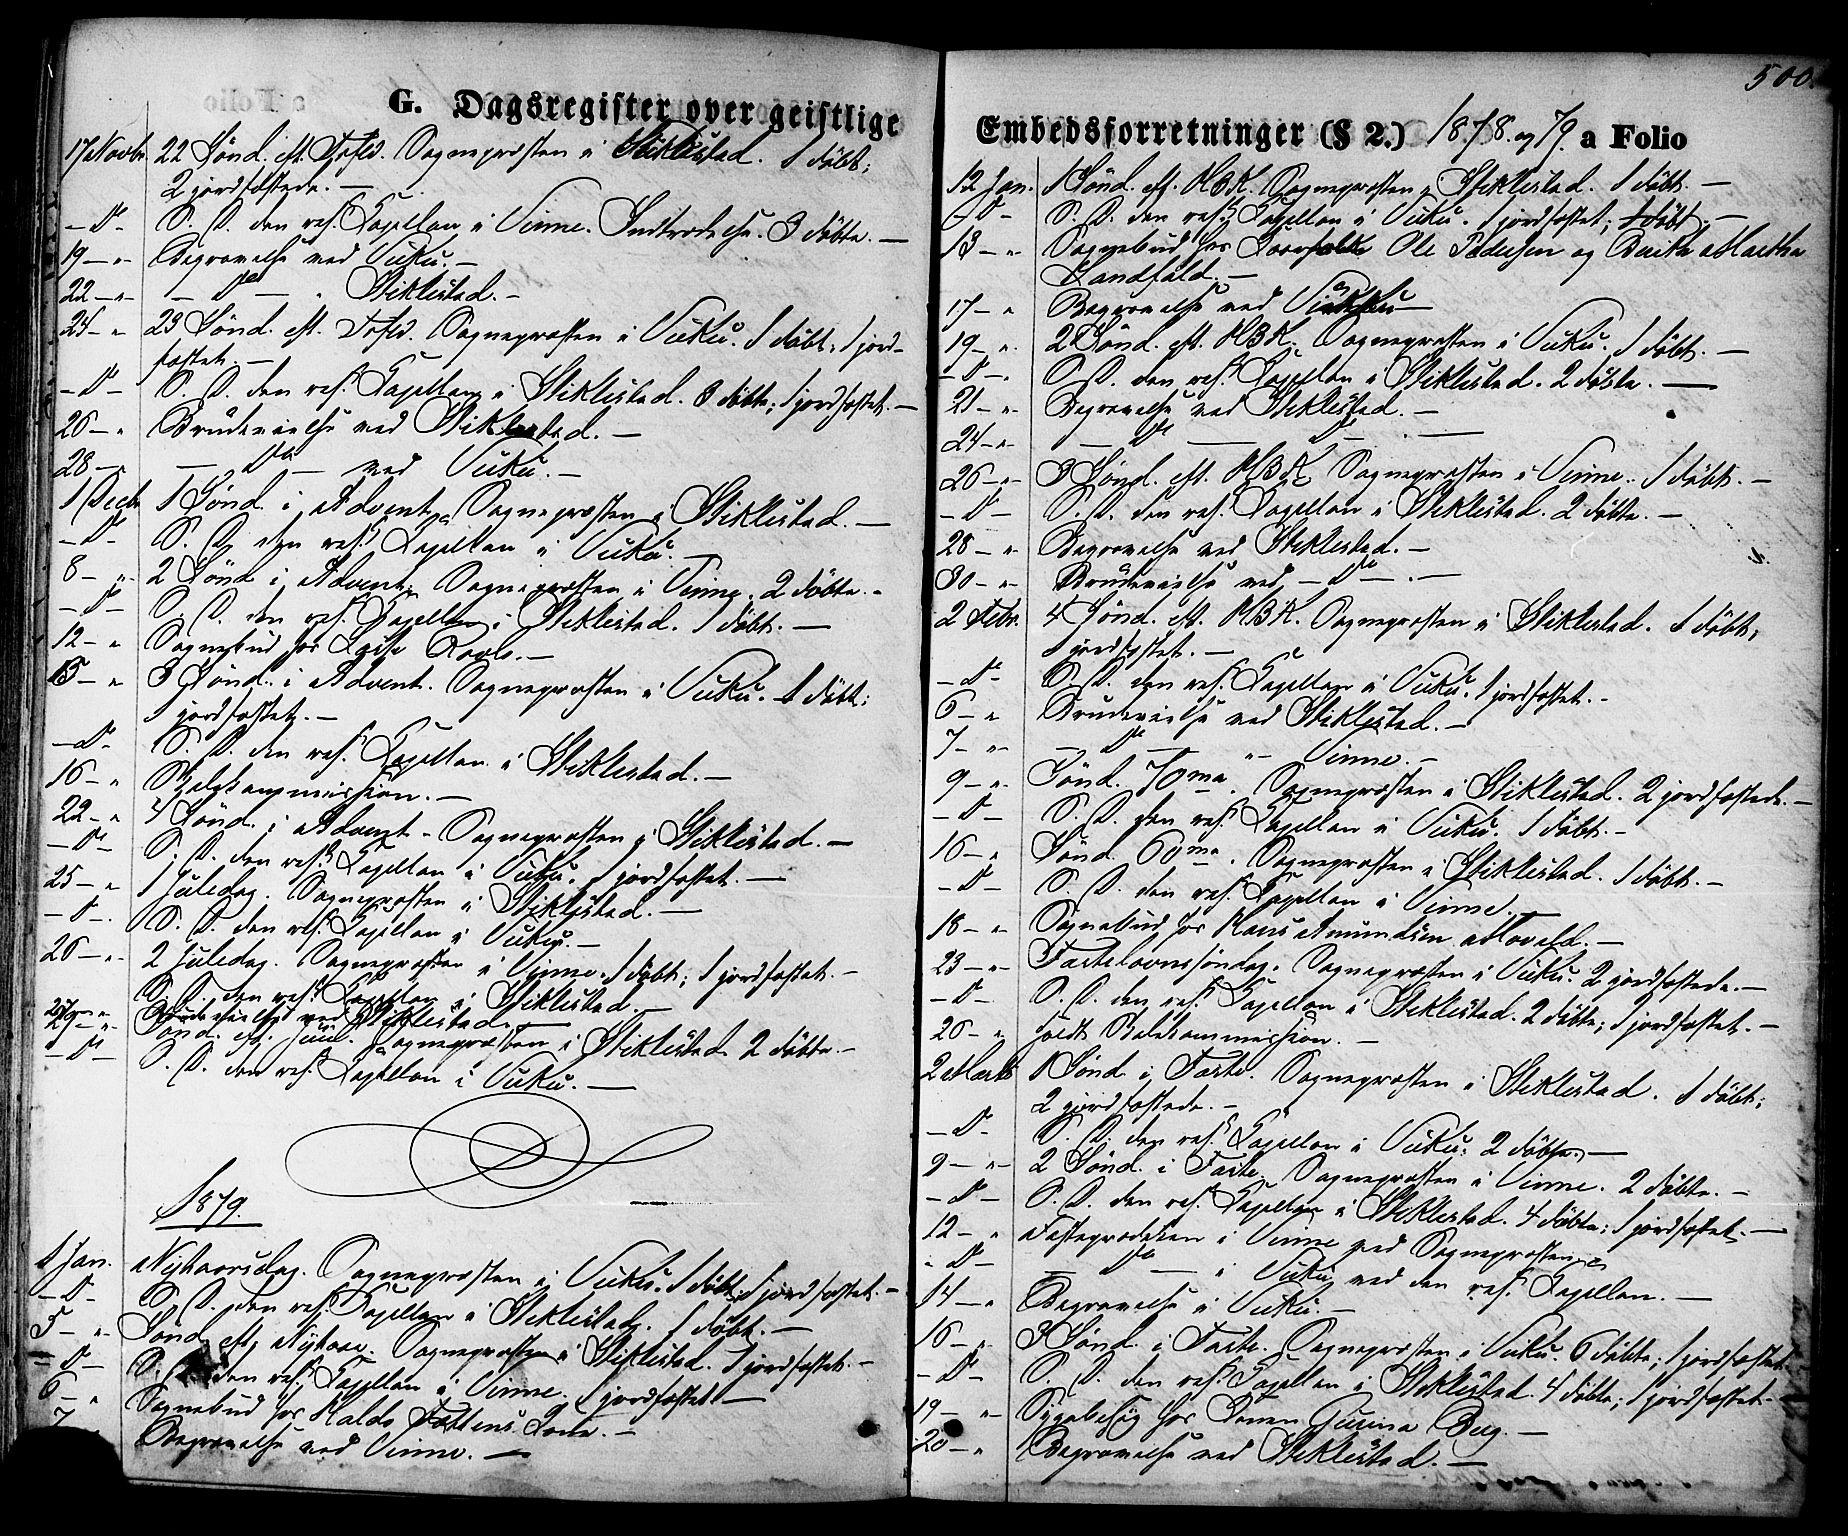 SAT, Ministerialprotokoller, klokkerbøker og fødselsregistre - Nord-Trøndelag, 723/L0242: Ministerialbok nr. 723A11, 1870-1880, s. 500